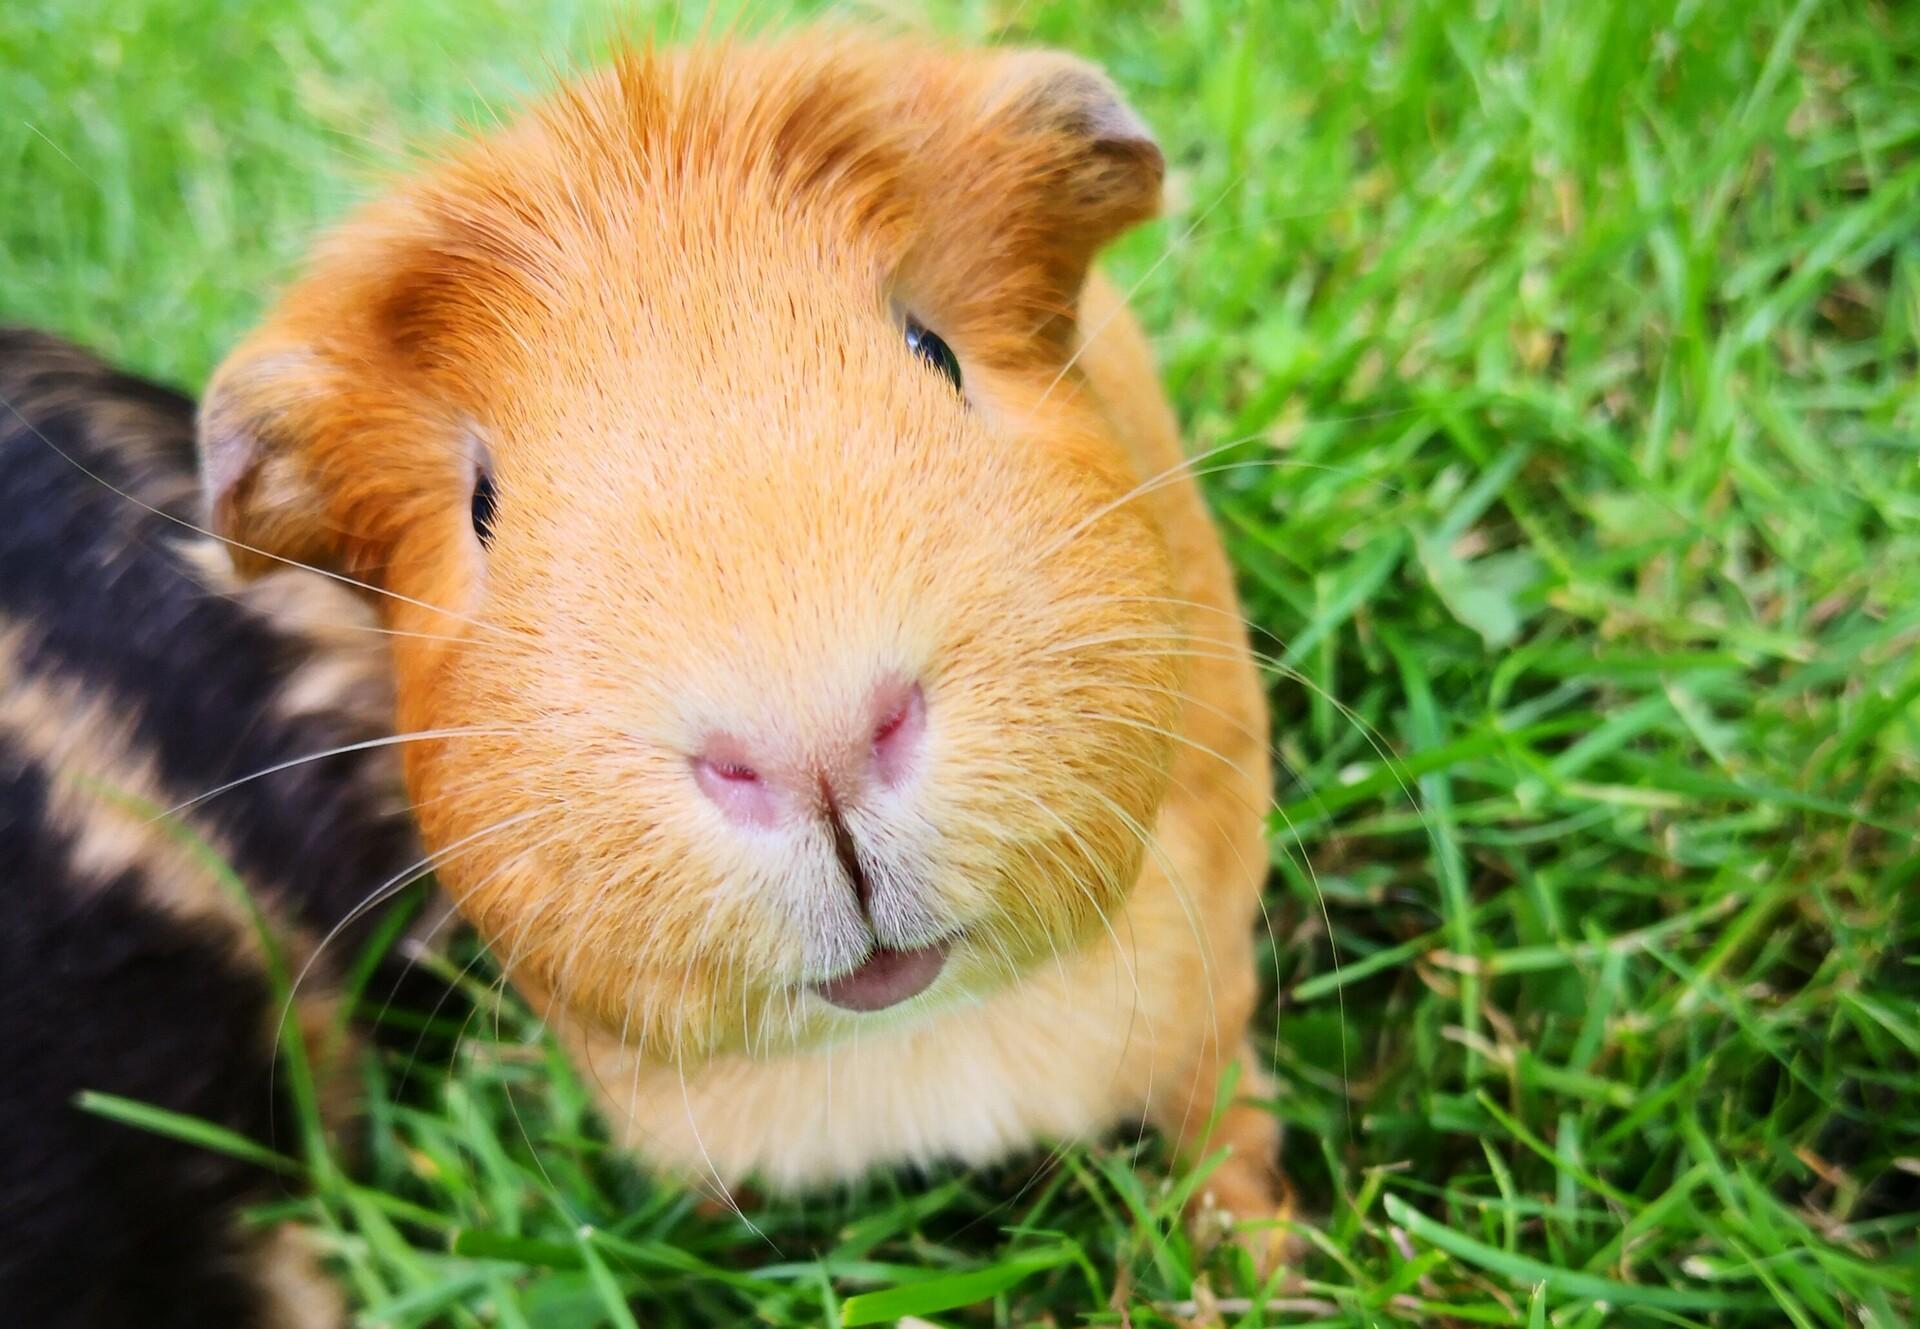 Quinea pig